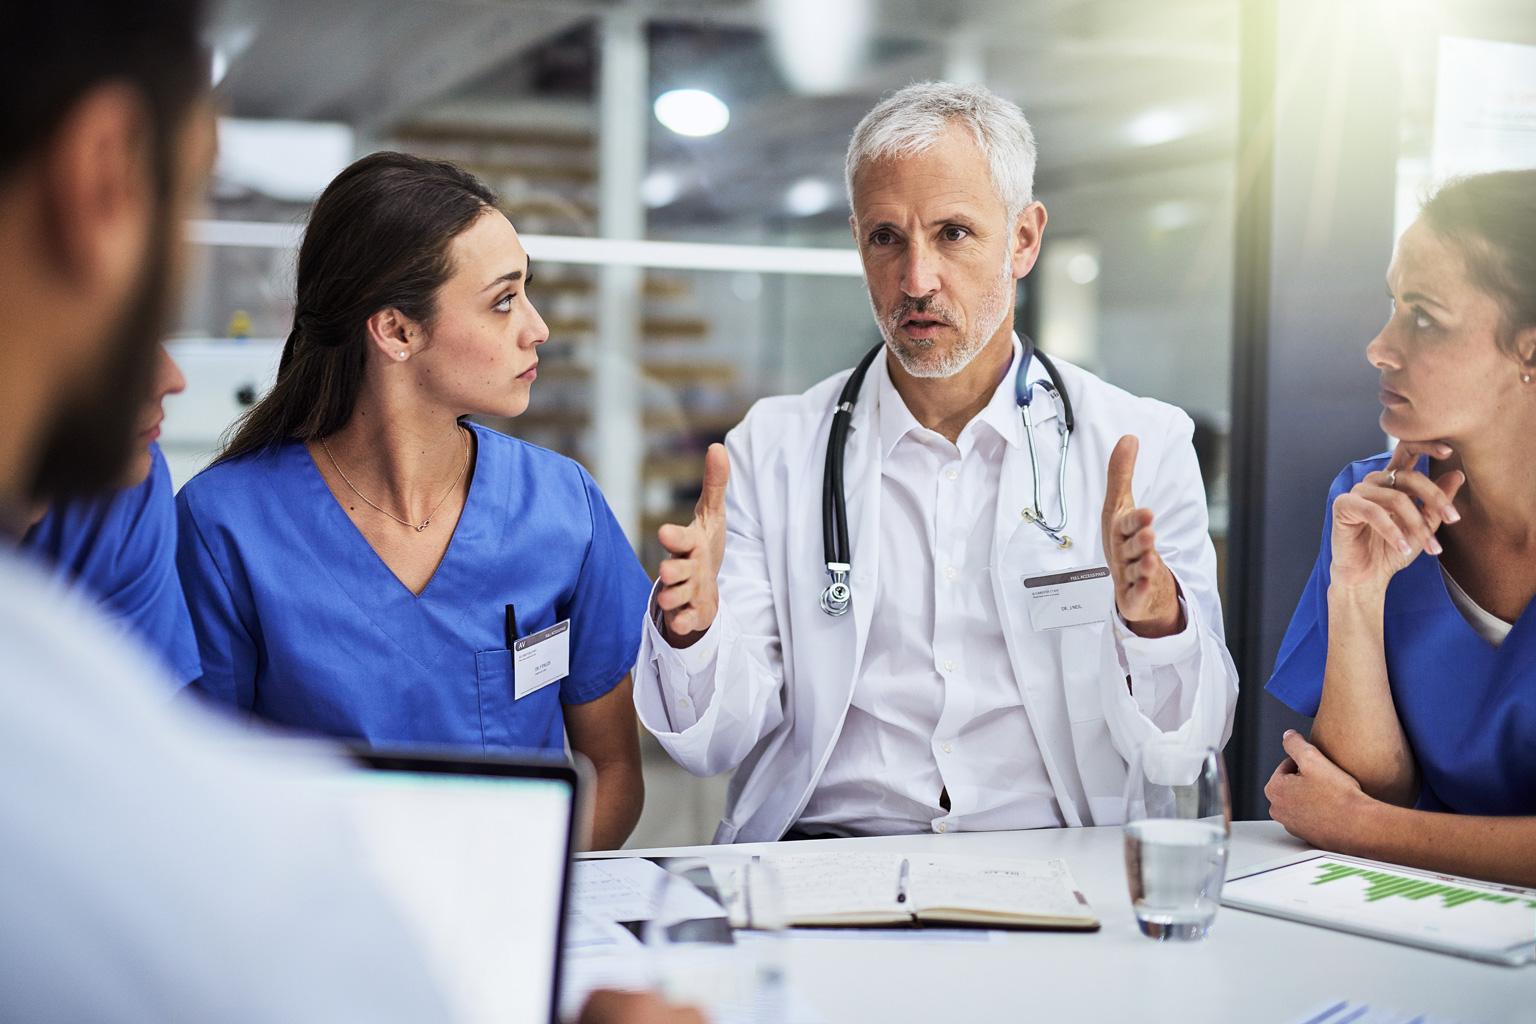 LEX Administracja, pakiet Ochrona Zdrowia